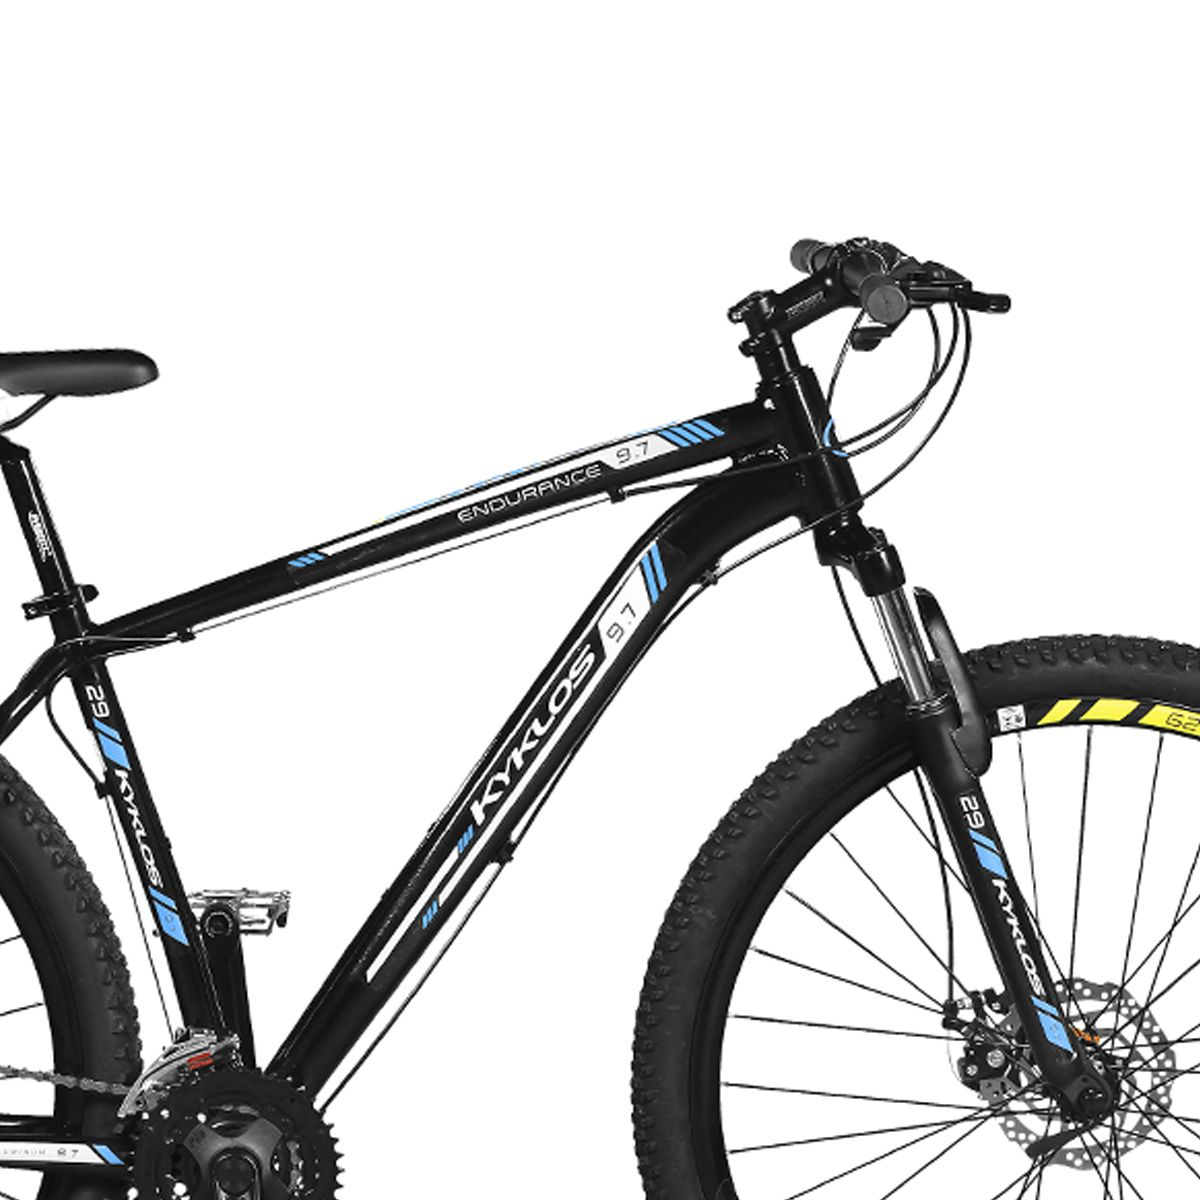 Bicicleta Kyklos Aro 29 Endurance 9.7 24V Freio a Disco com Suspensão A-36 Preto/Azul